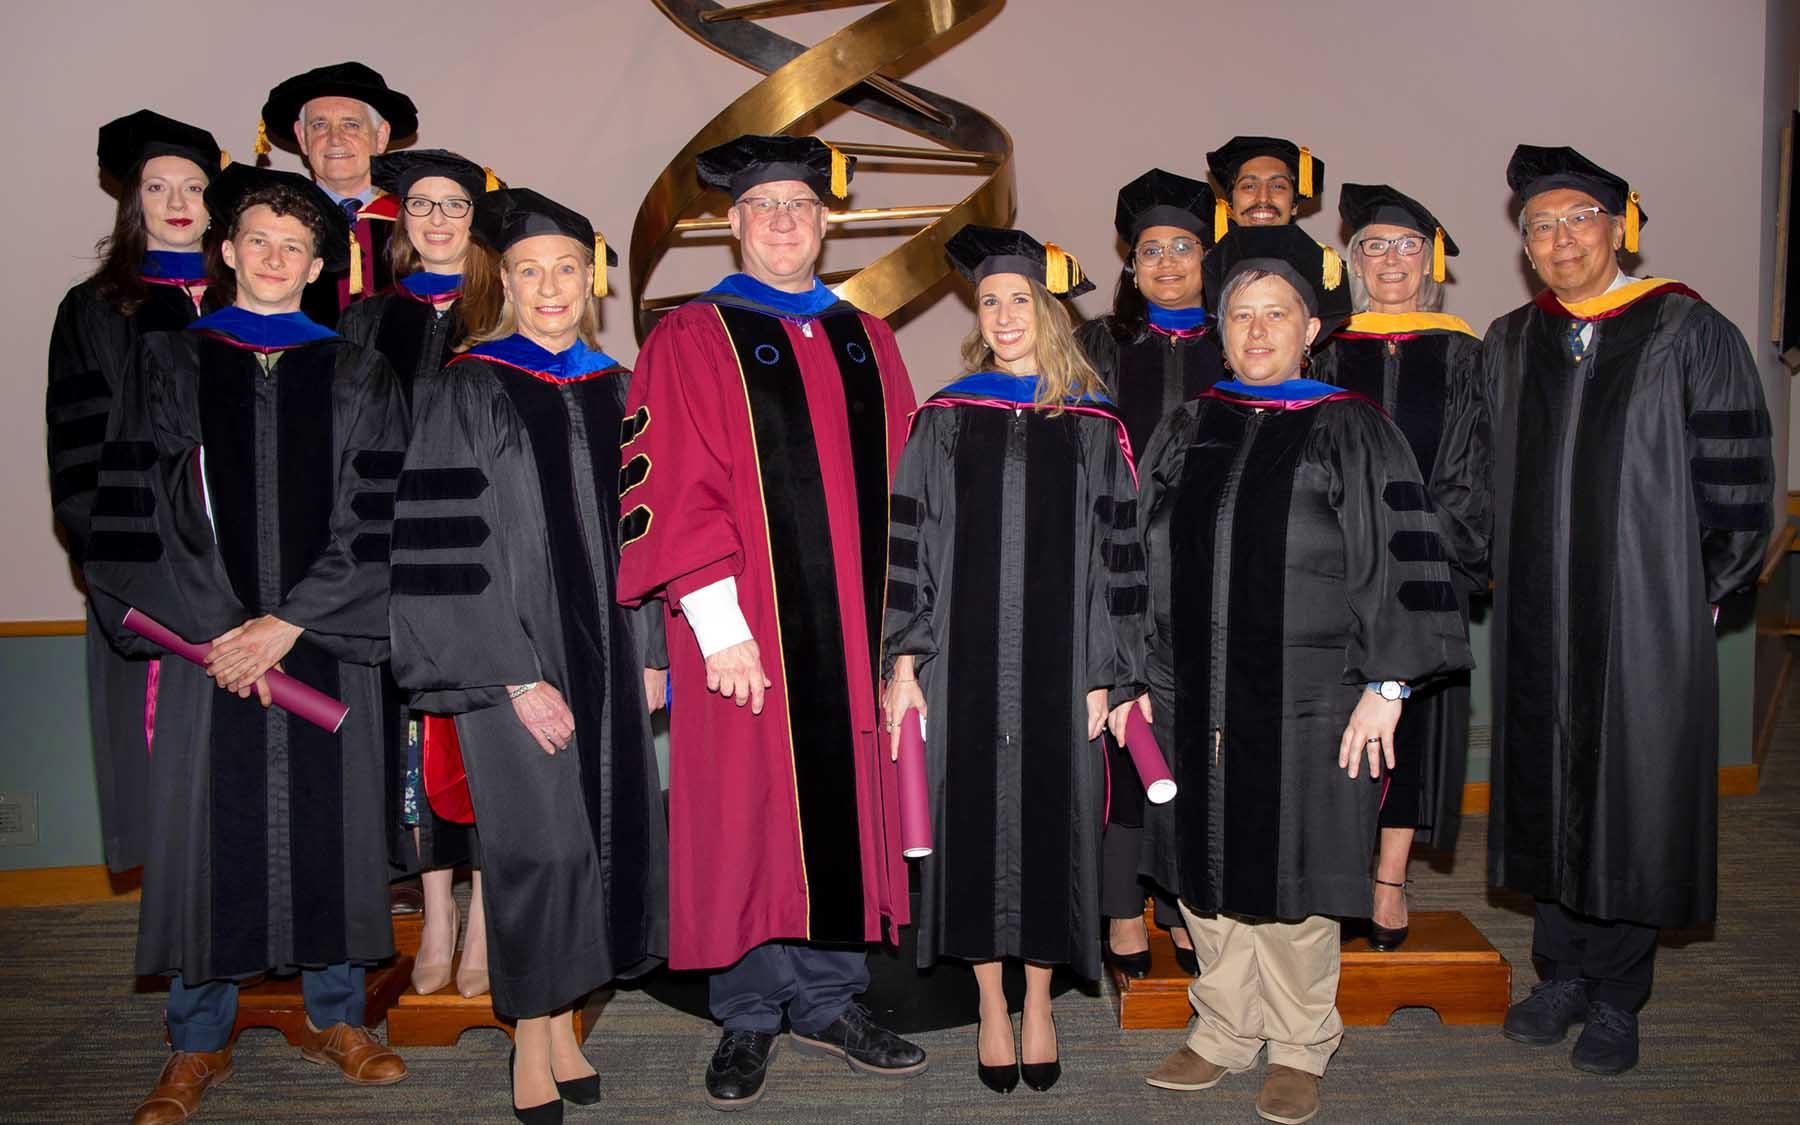 2019 WSBS graduates